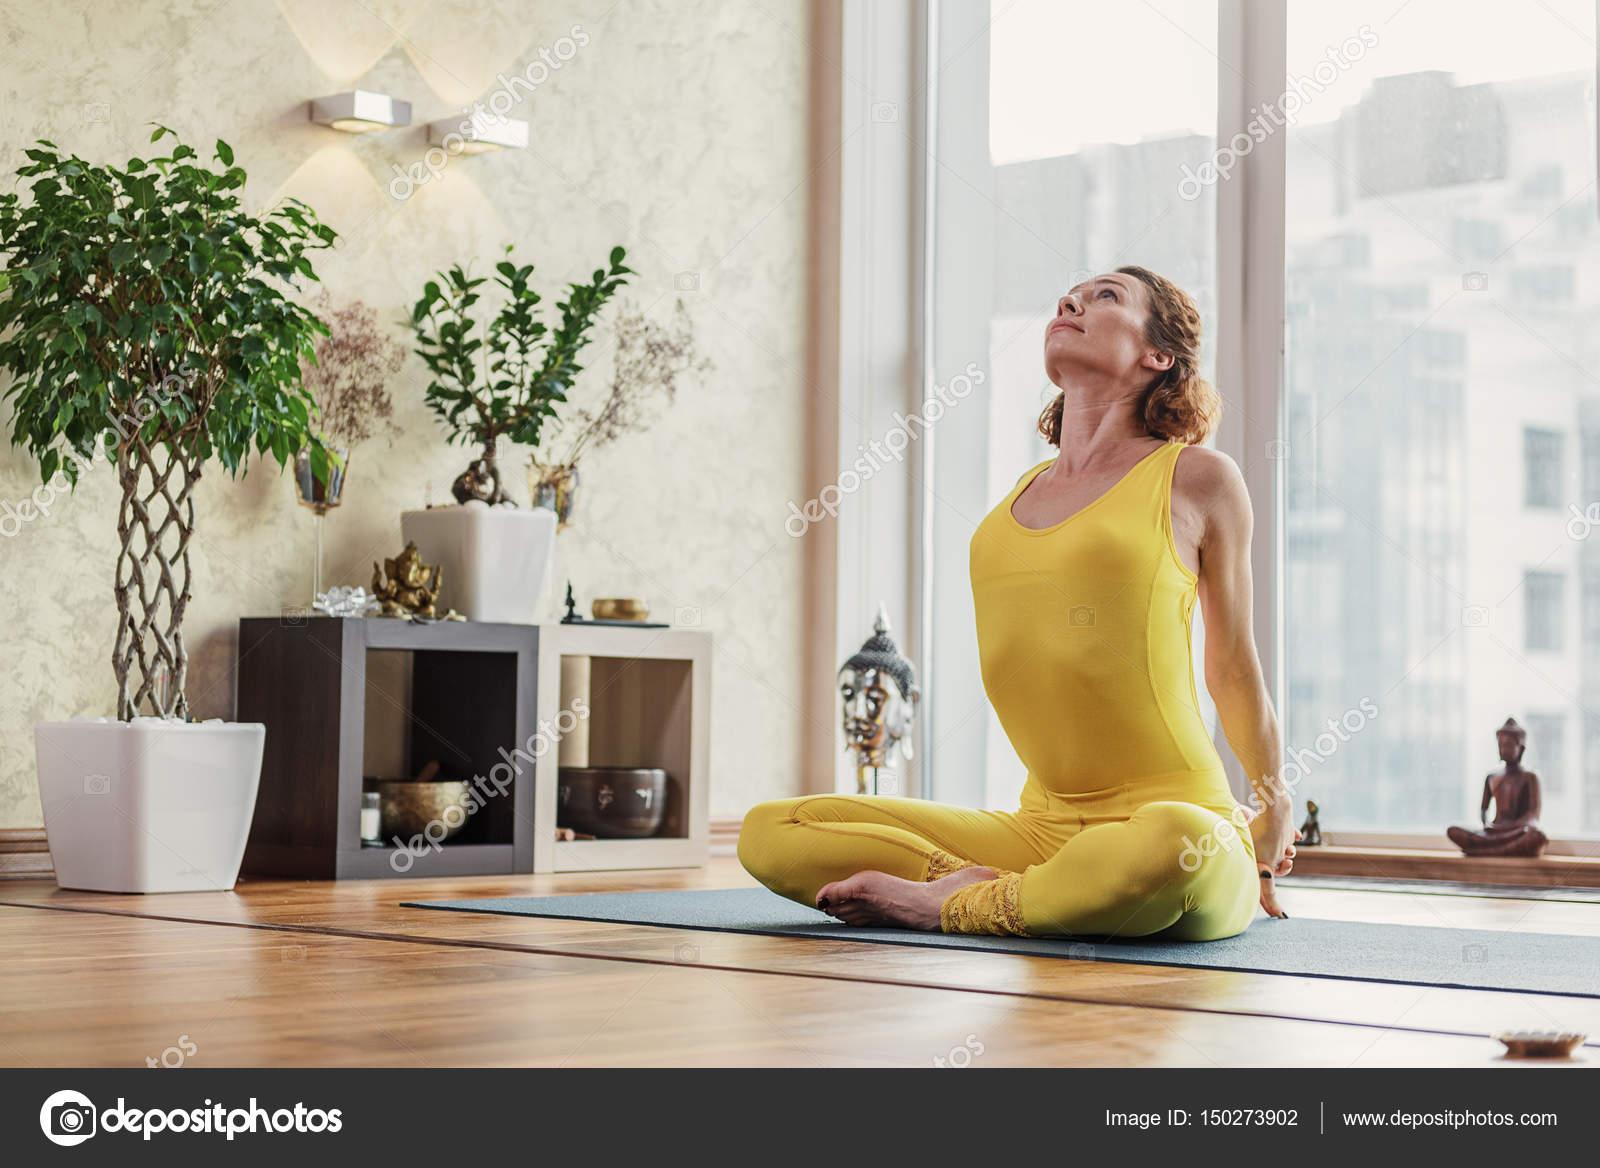 Fit junge frau beim yoga in wohnung stockfoto for Yoga wohnzimmer langenzersdorf